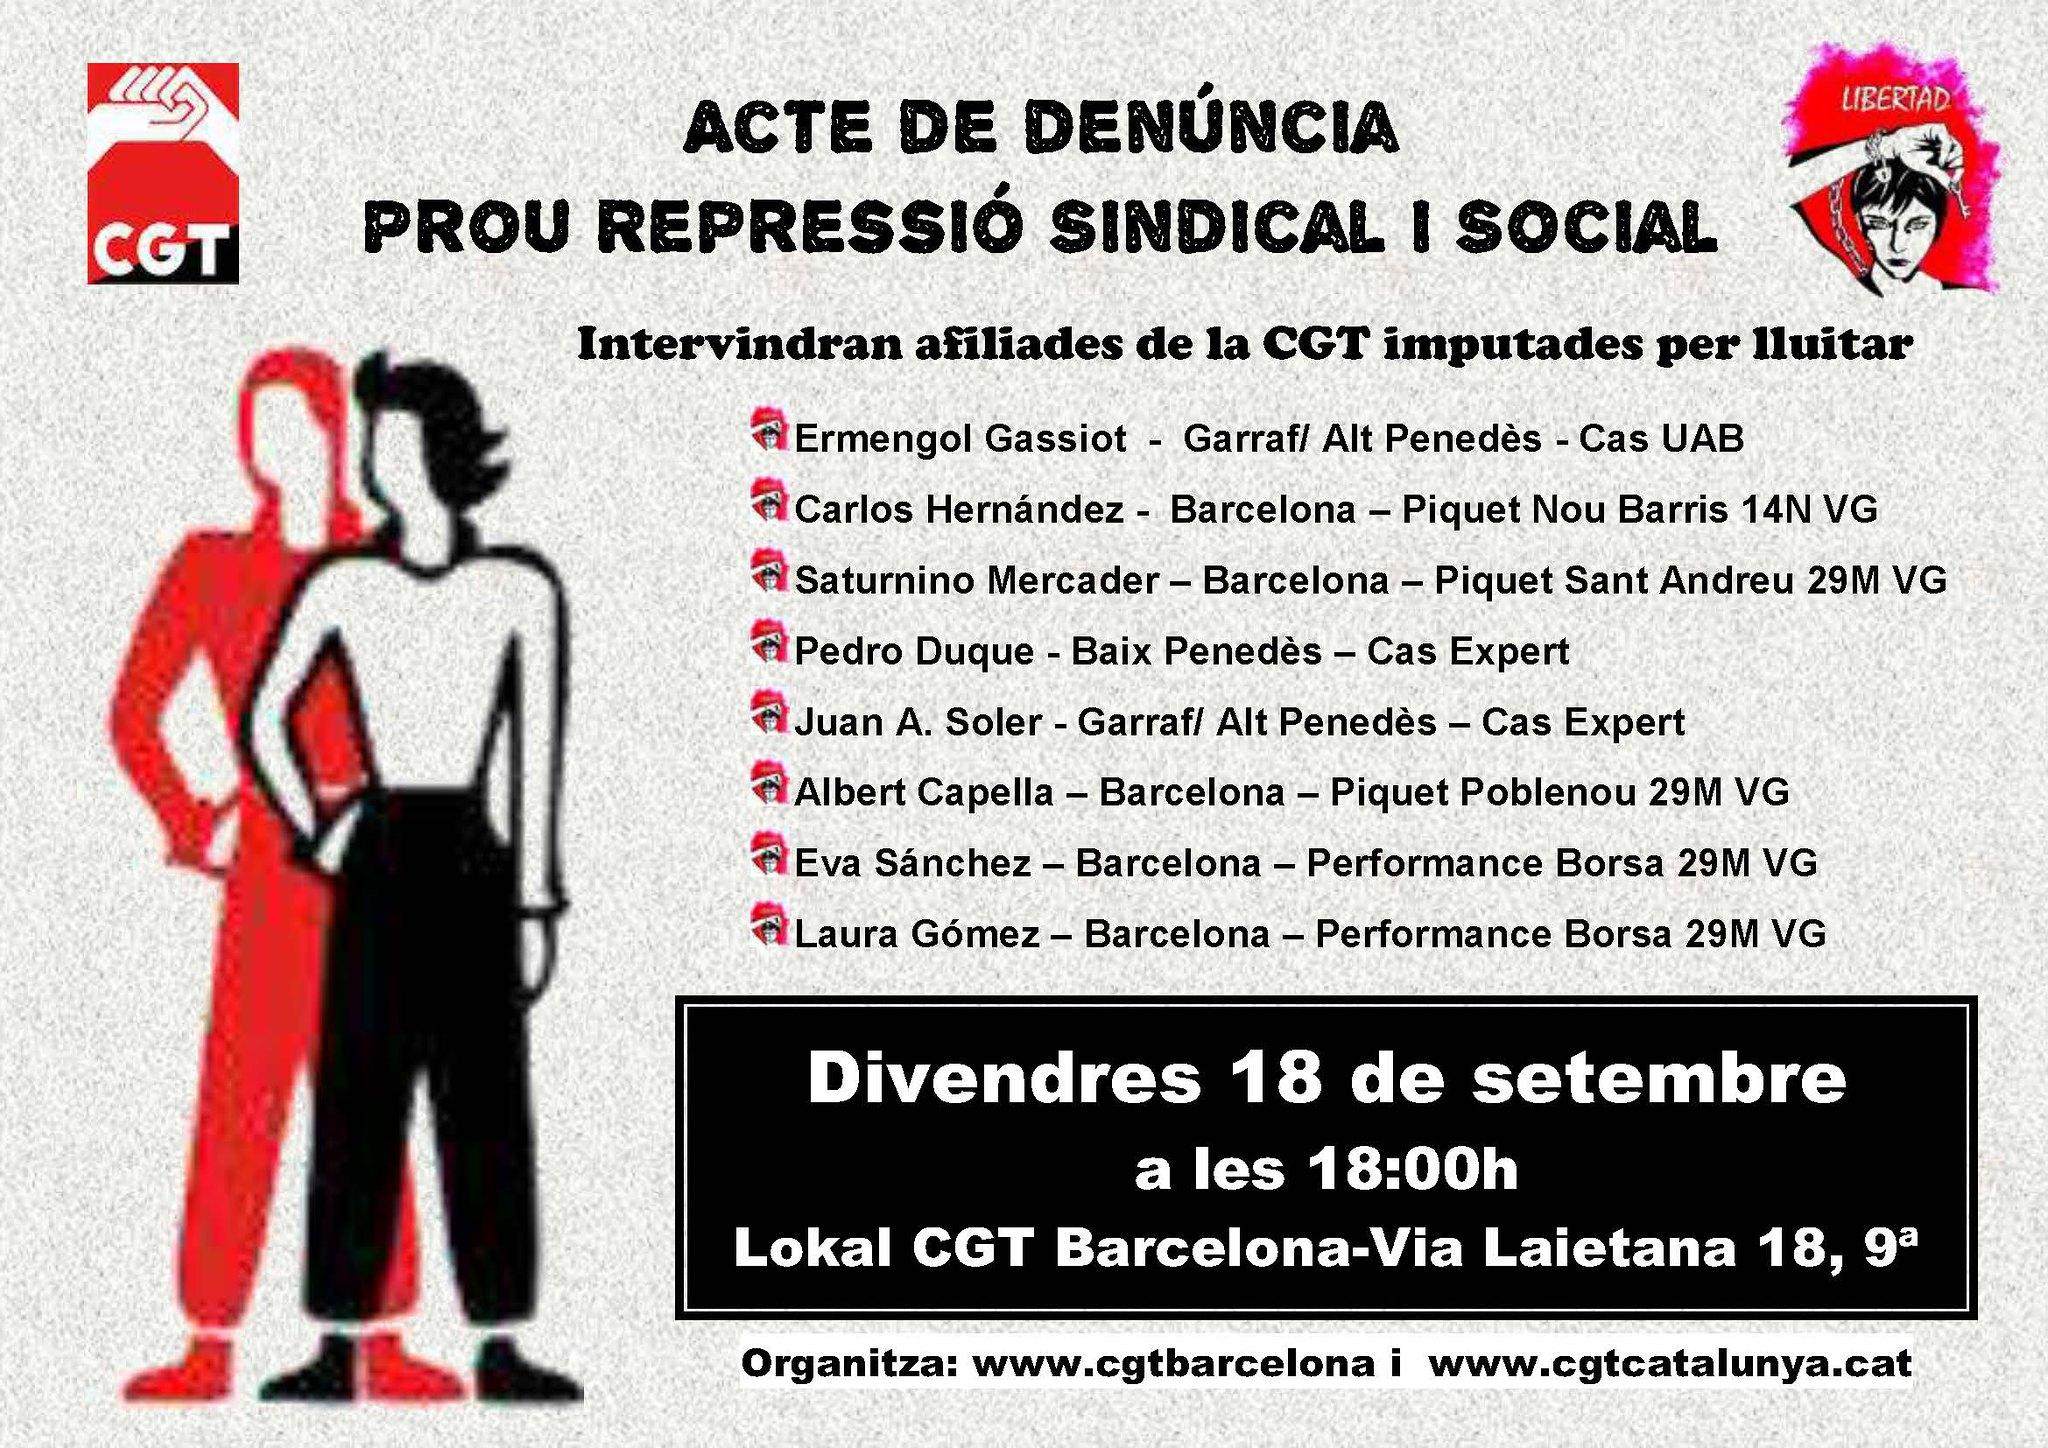 Acte de denúncia Prou repressió sindical i social, el 18 de setembre a Barcelona